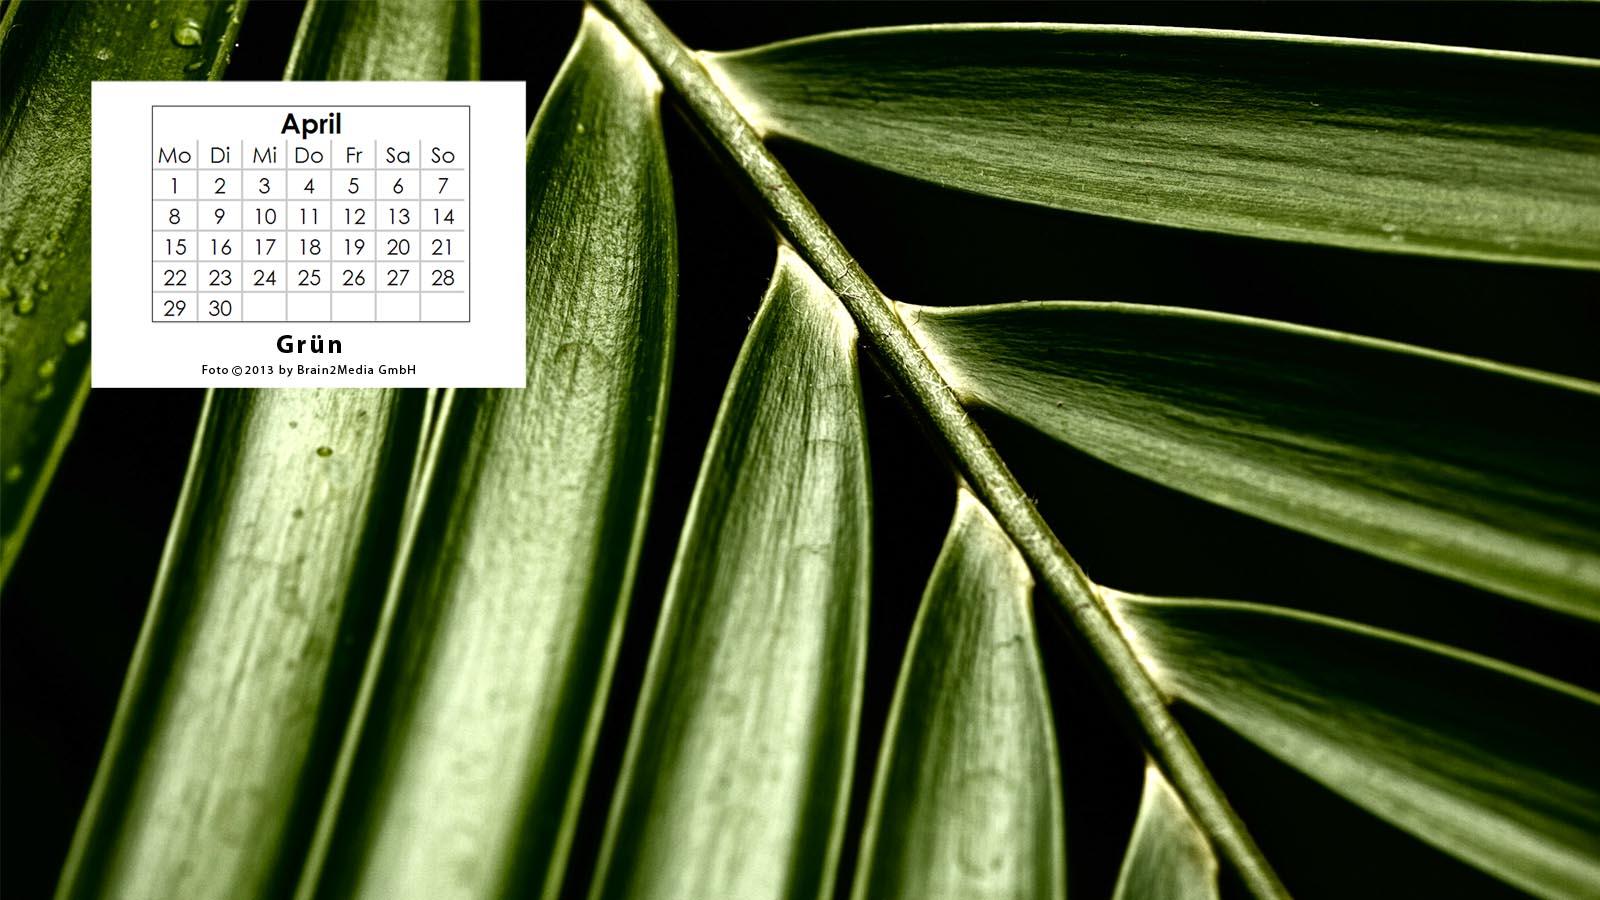 Kalenderbild April 2013